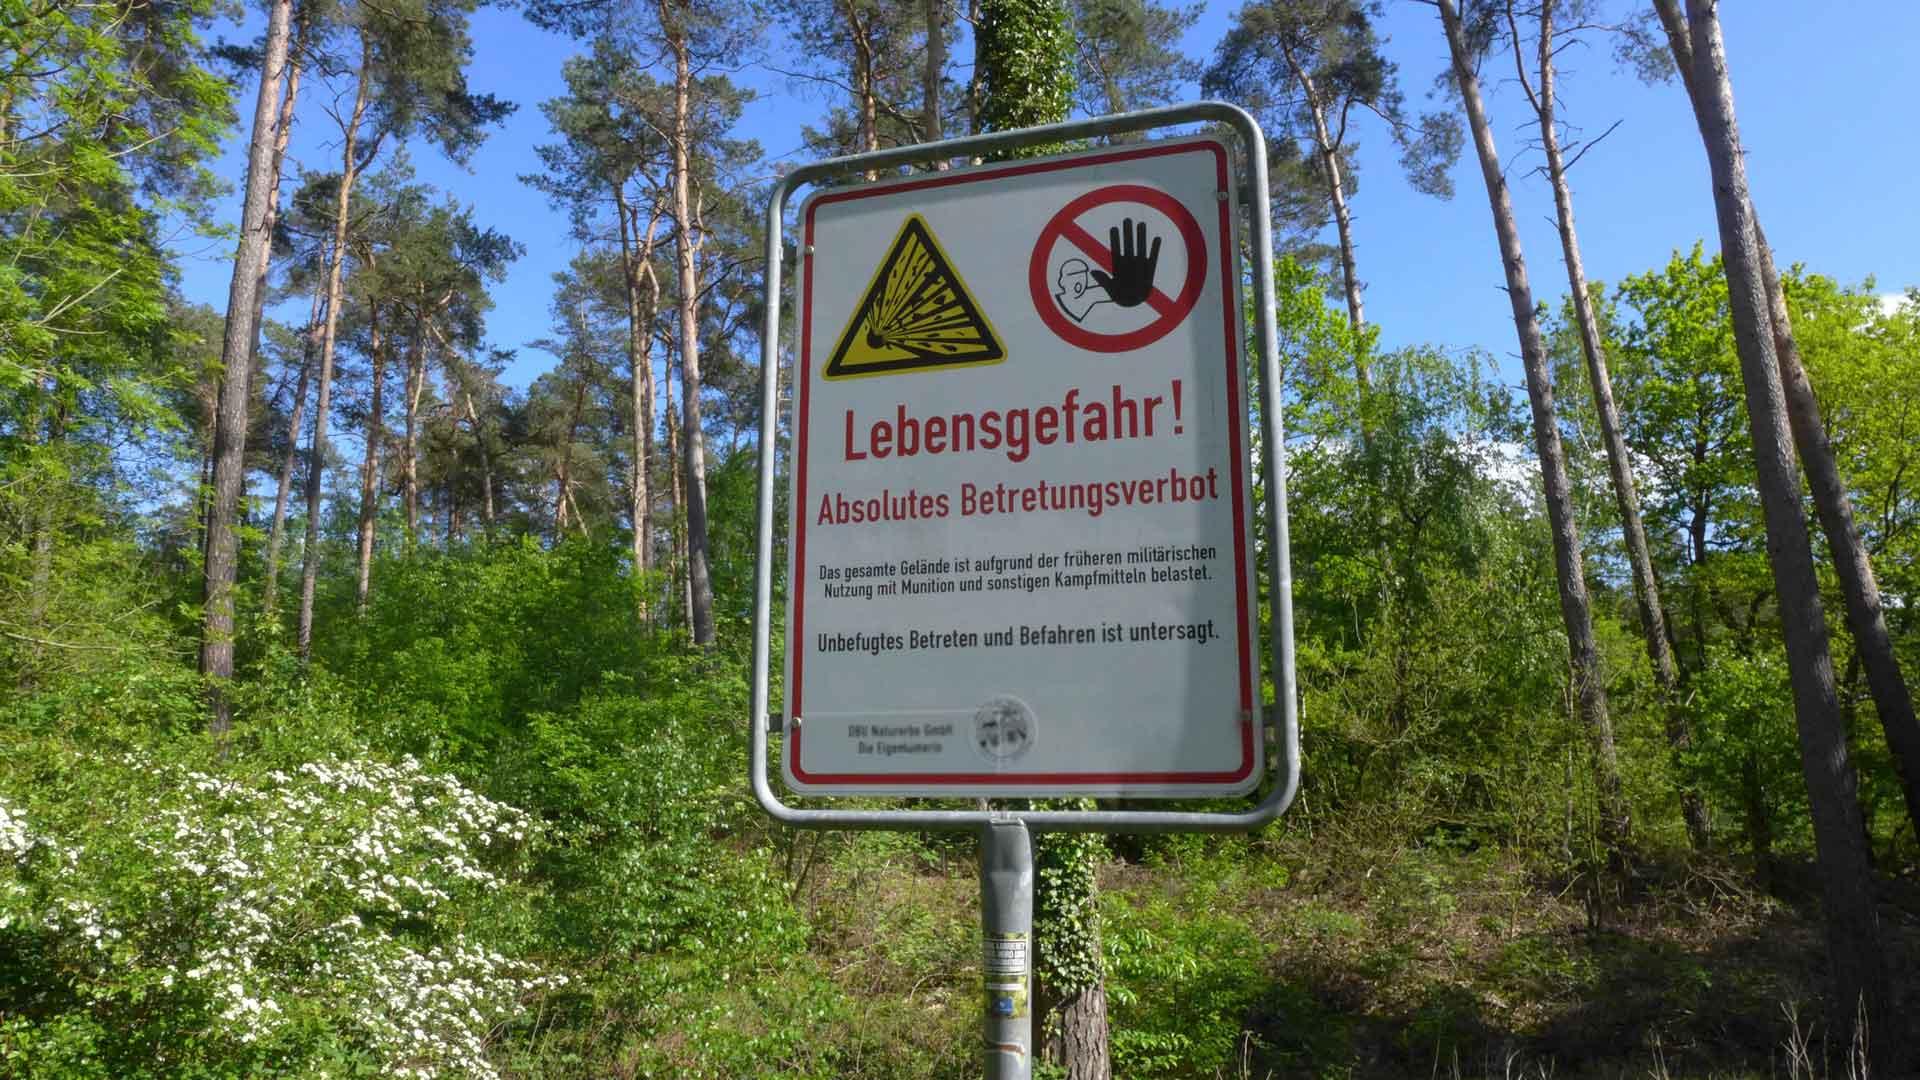 Wildnis in Deutschland: Lieberoser Heide in Brandenburg, Schild Vorsicht Munition, lebensgefahr